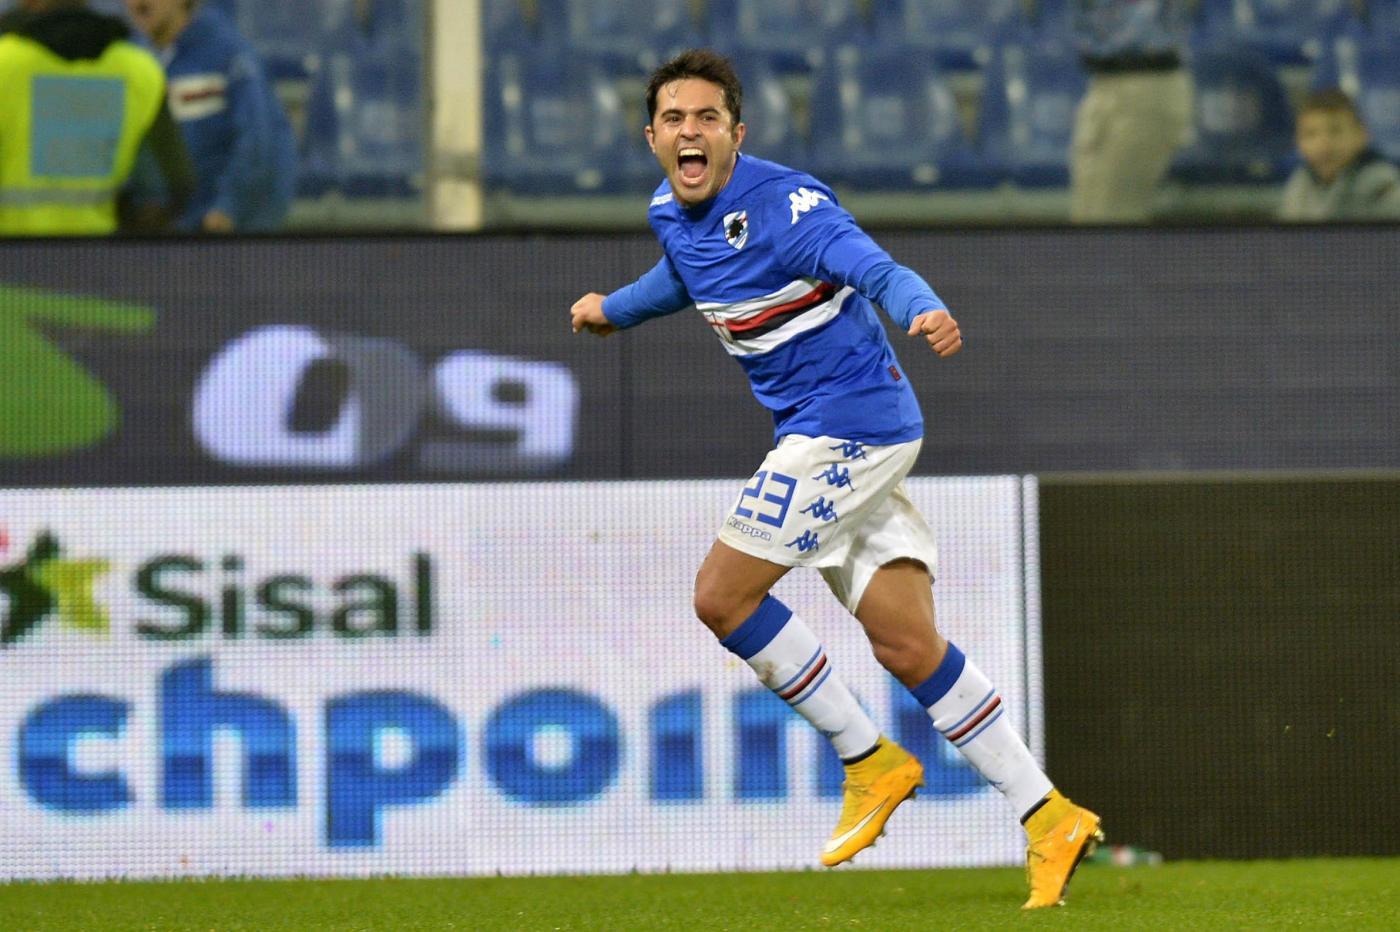 Sampdoria vs Napoli 1-1: Zapata agguanta il pareggio al 92esimo